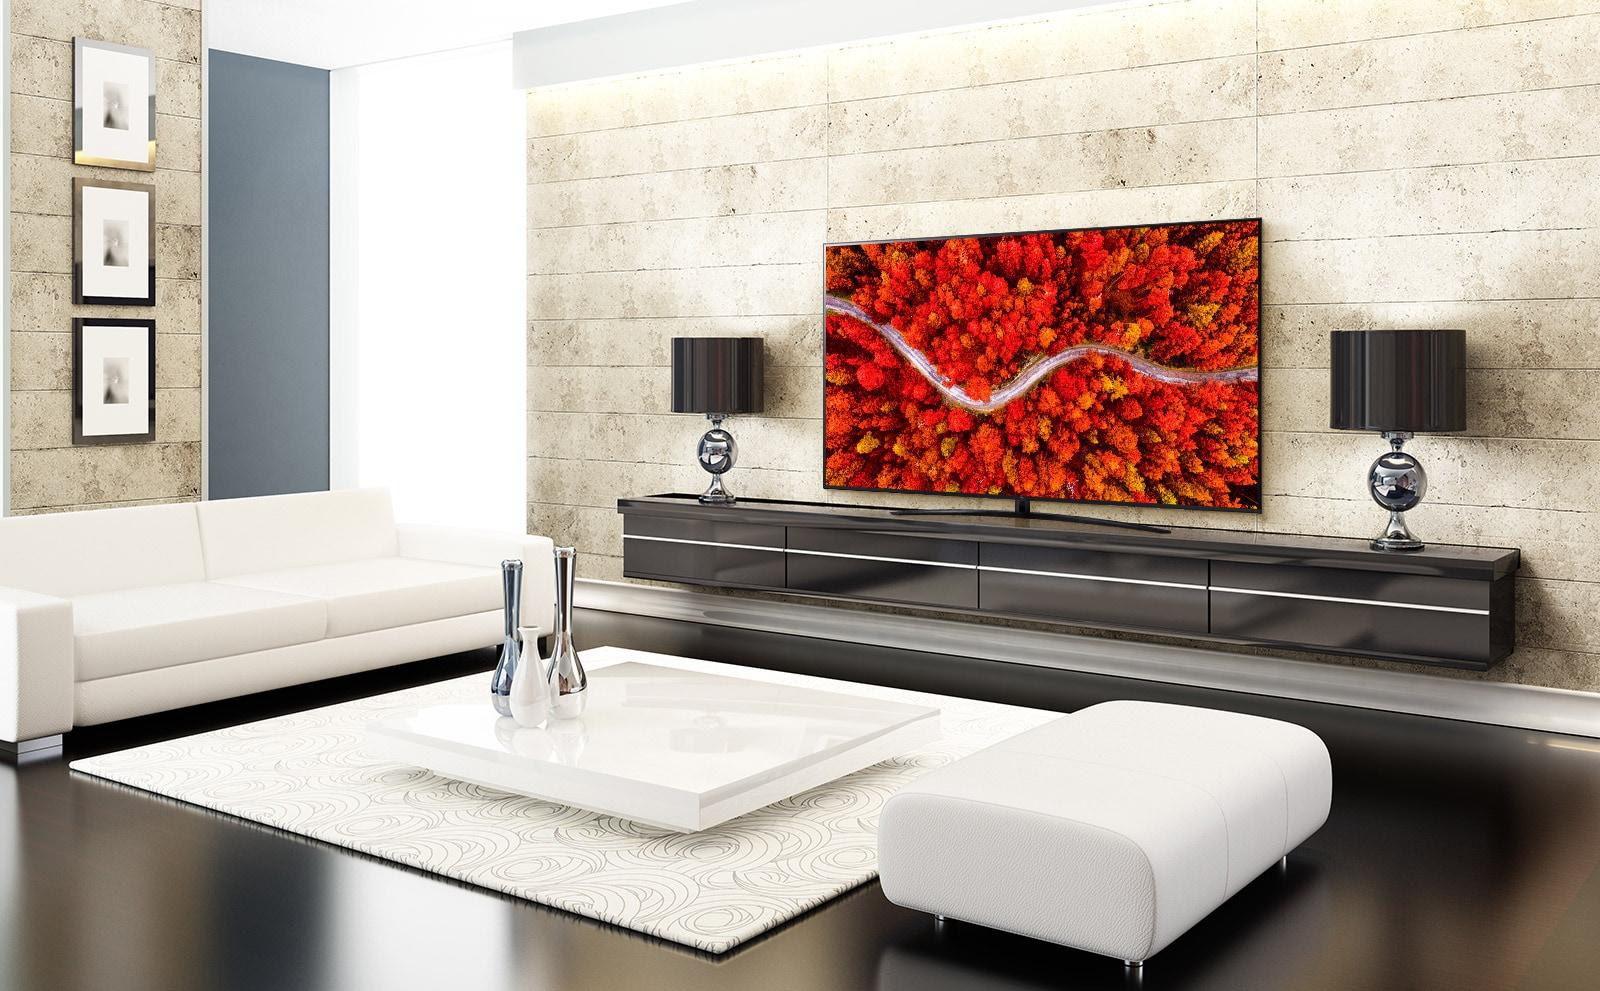 Un salon de luxe avec une télévision affichant une vue aérienne des bois en rouge.